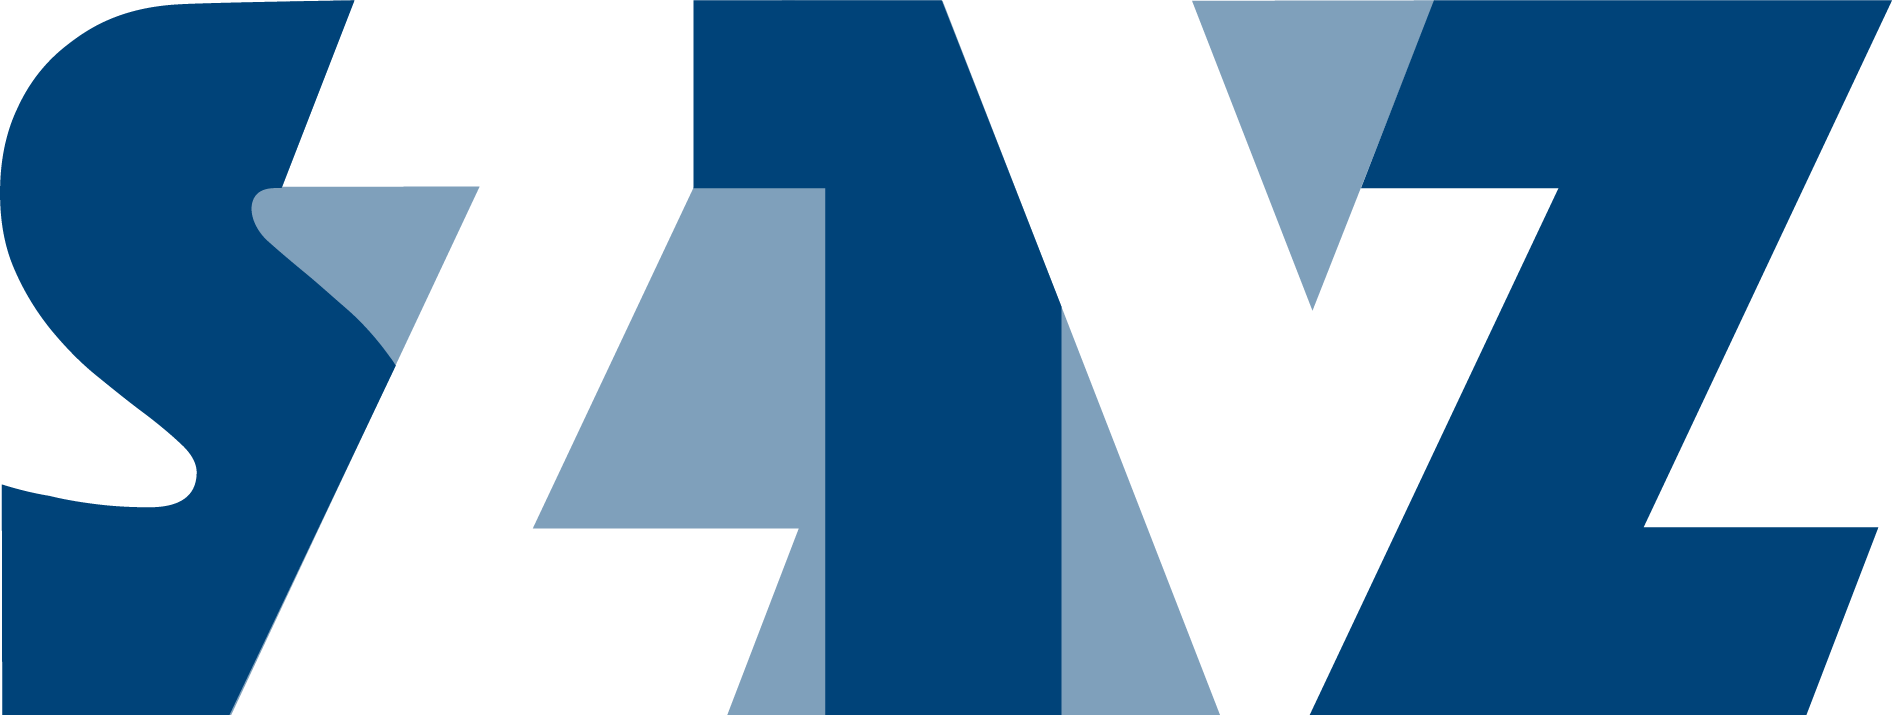 sztvz-logo-4x